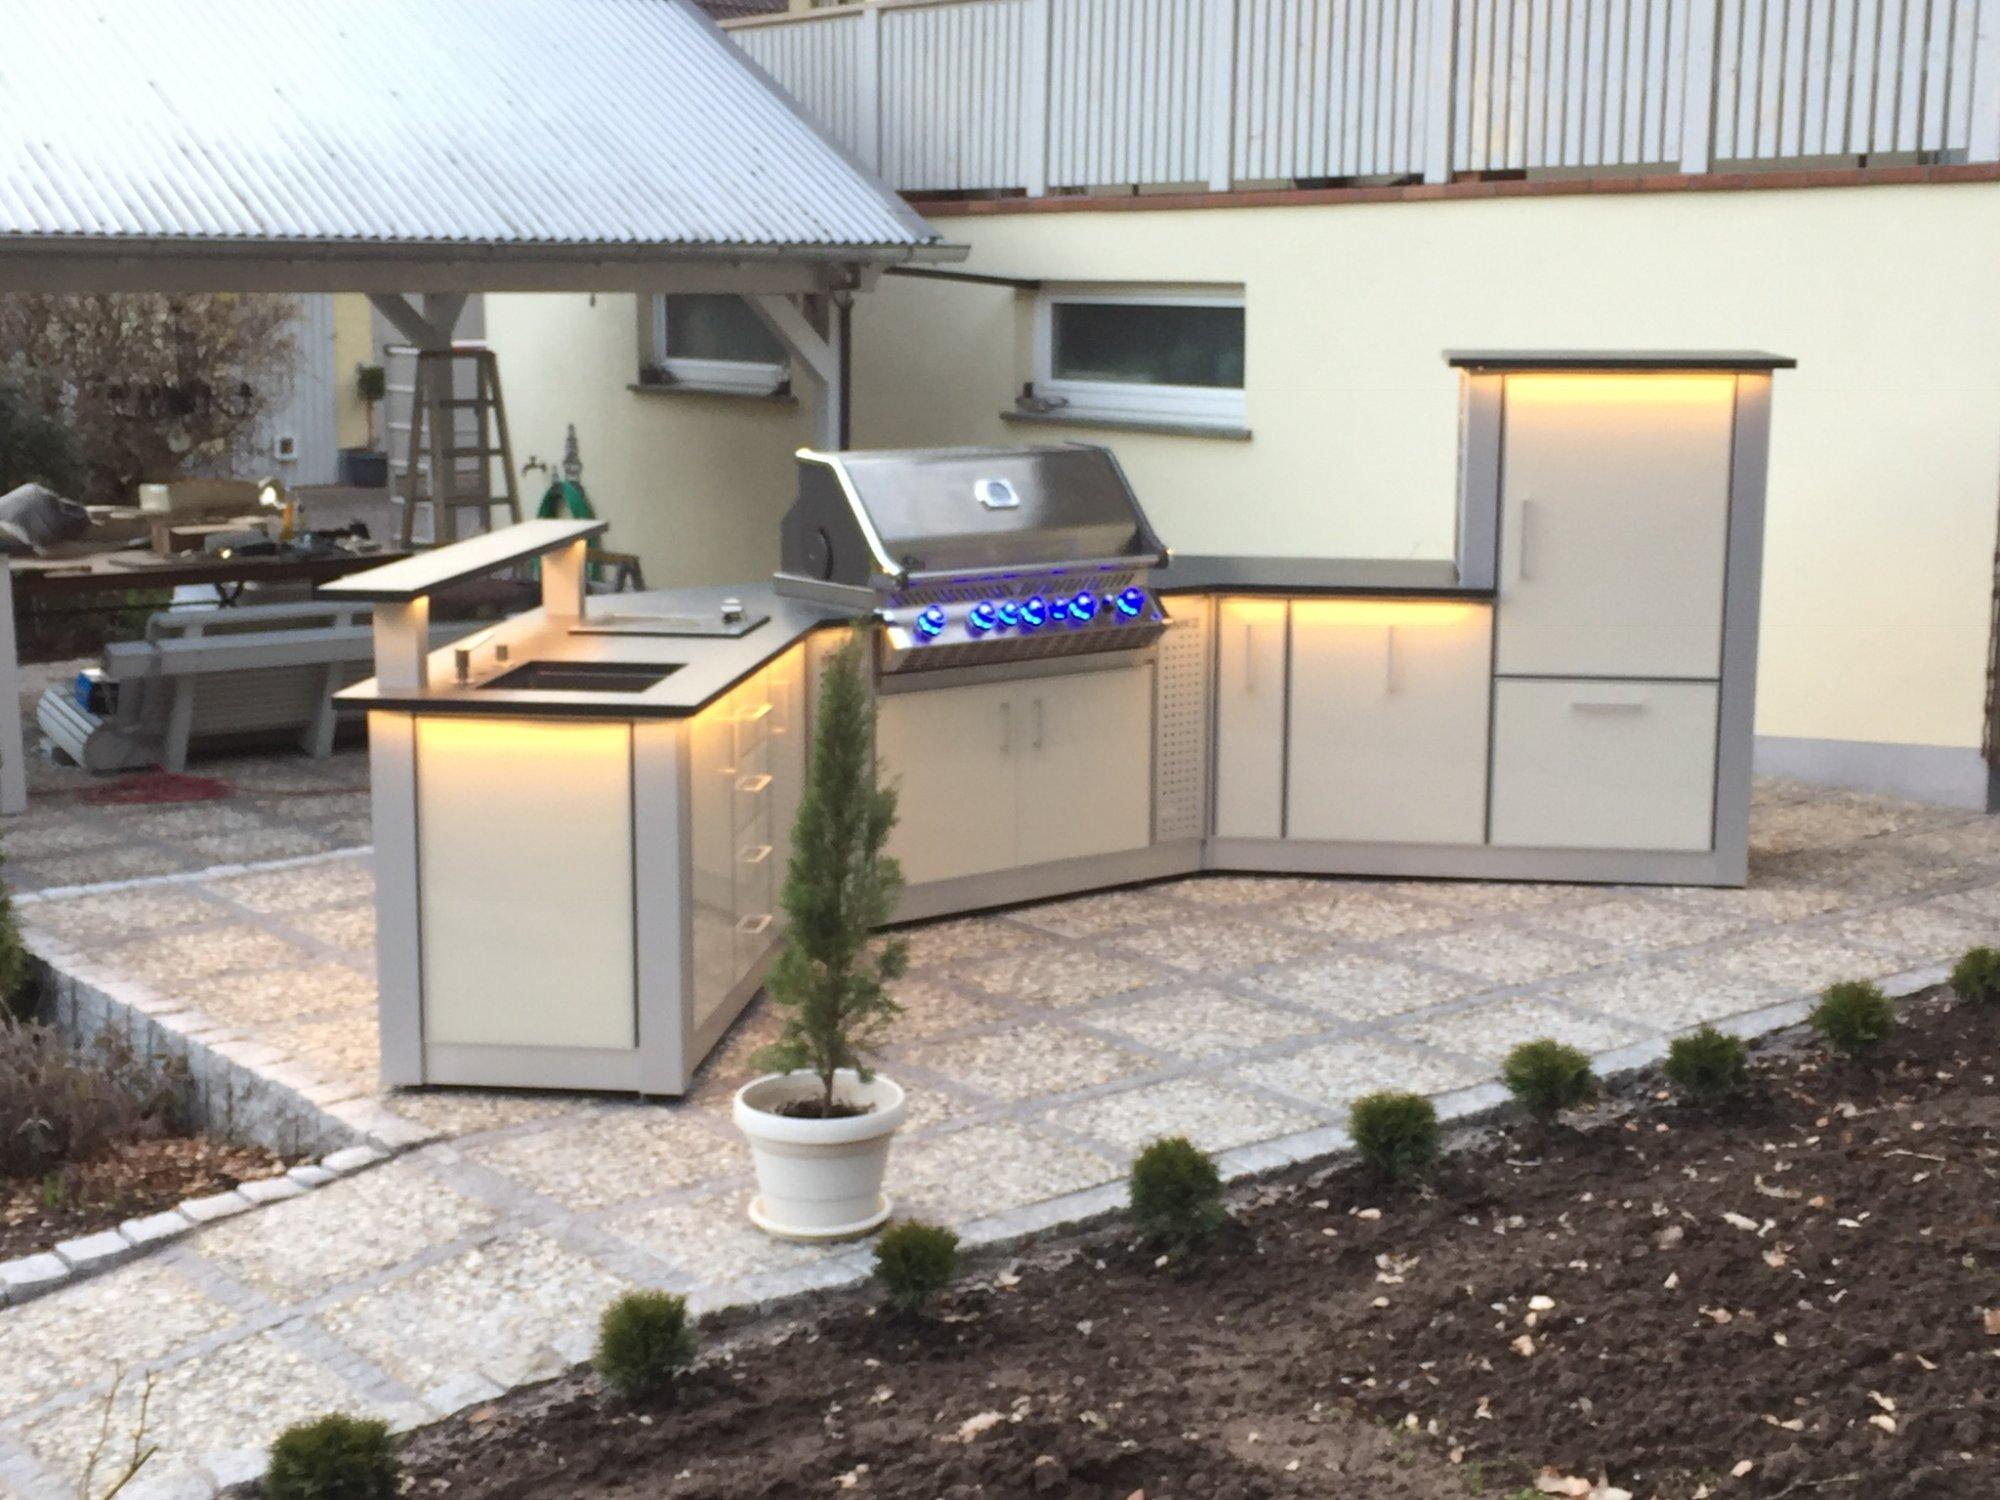 Outdoor Küche Bauen Grillsportverein : Bau meiner grill und bbq außenküche gartenküche teil